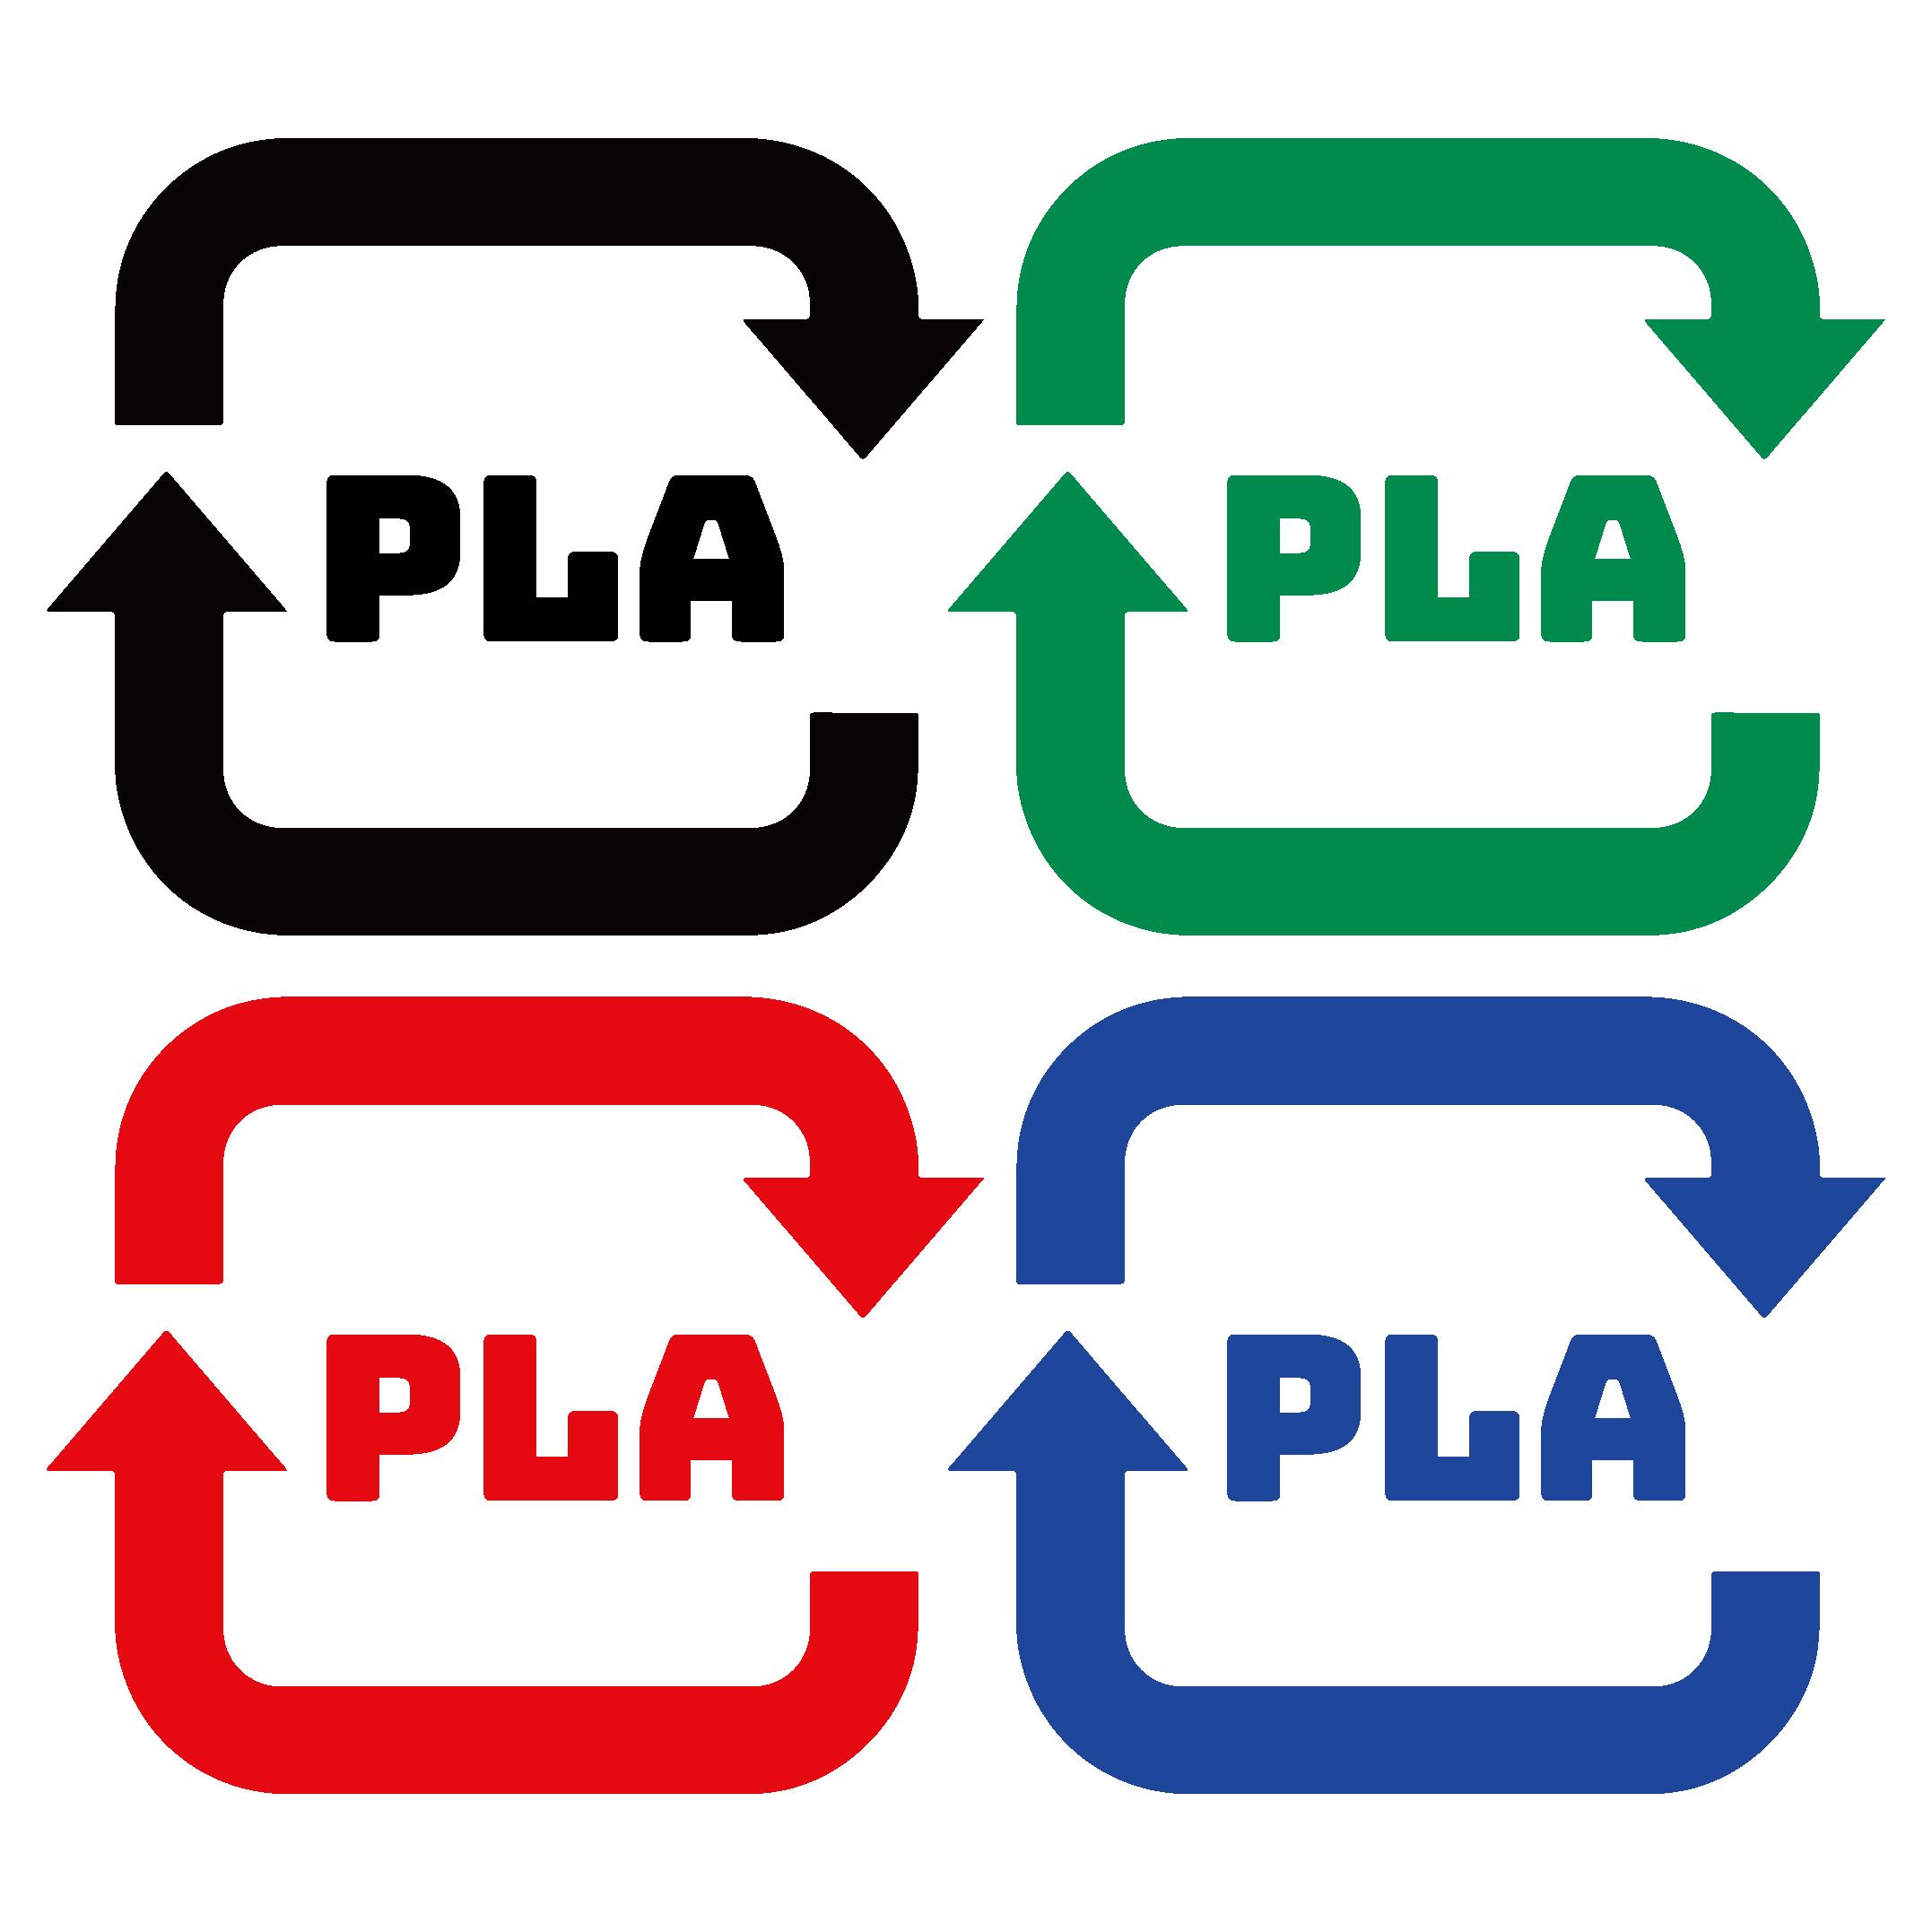 プラプラスチックのリサイクルマーク イラスト4色ゴミの分別